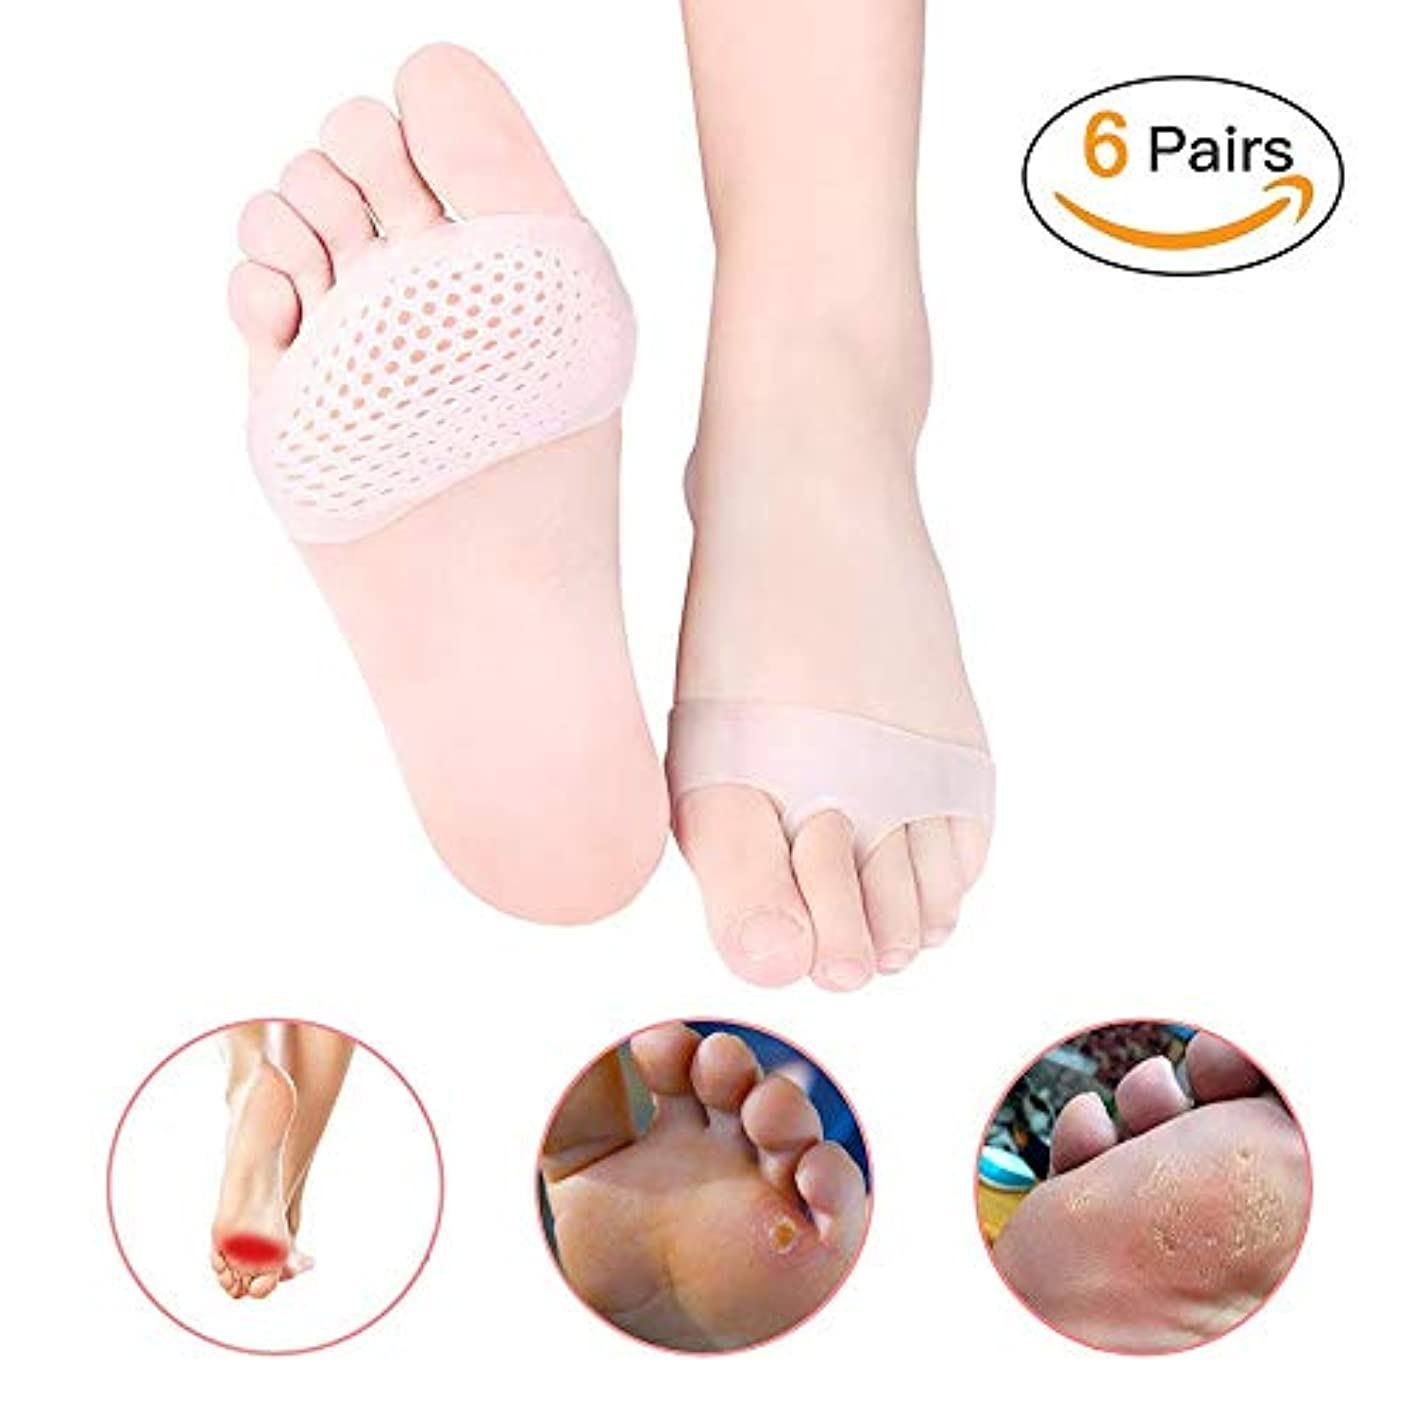 指定するストライド厚いボールオブフットクッションキット女性と男性用中足パッド、前足の痛みを和らげ、大きすぎる靴、ハイキング、ウォーキングに最適White-6 Pairs